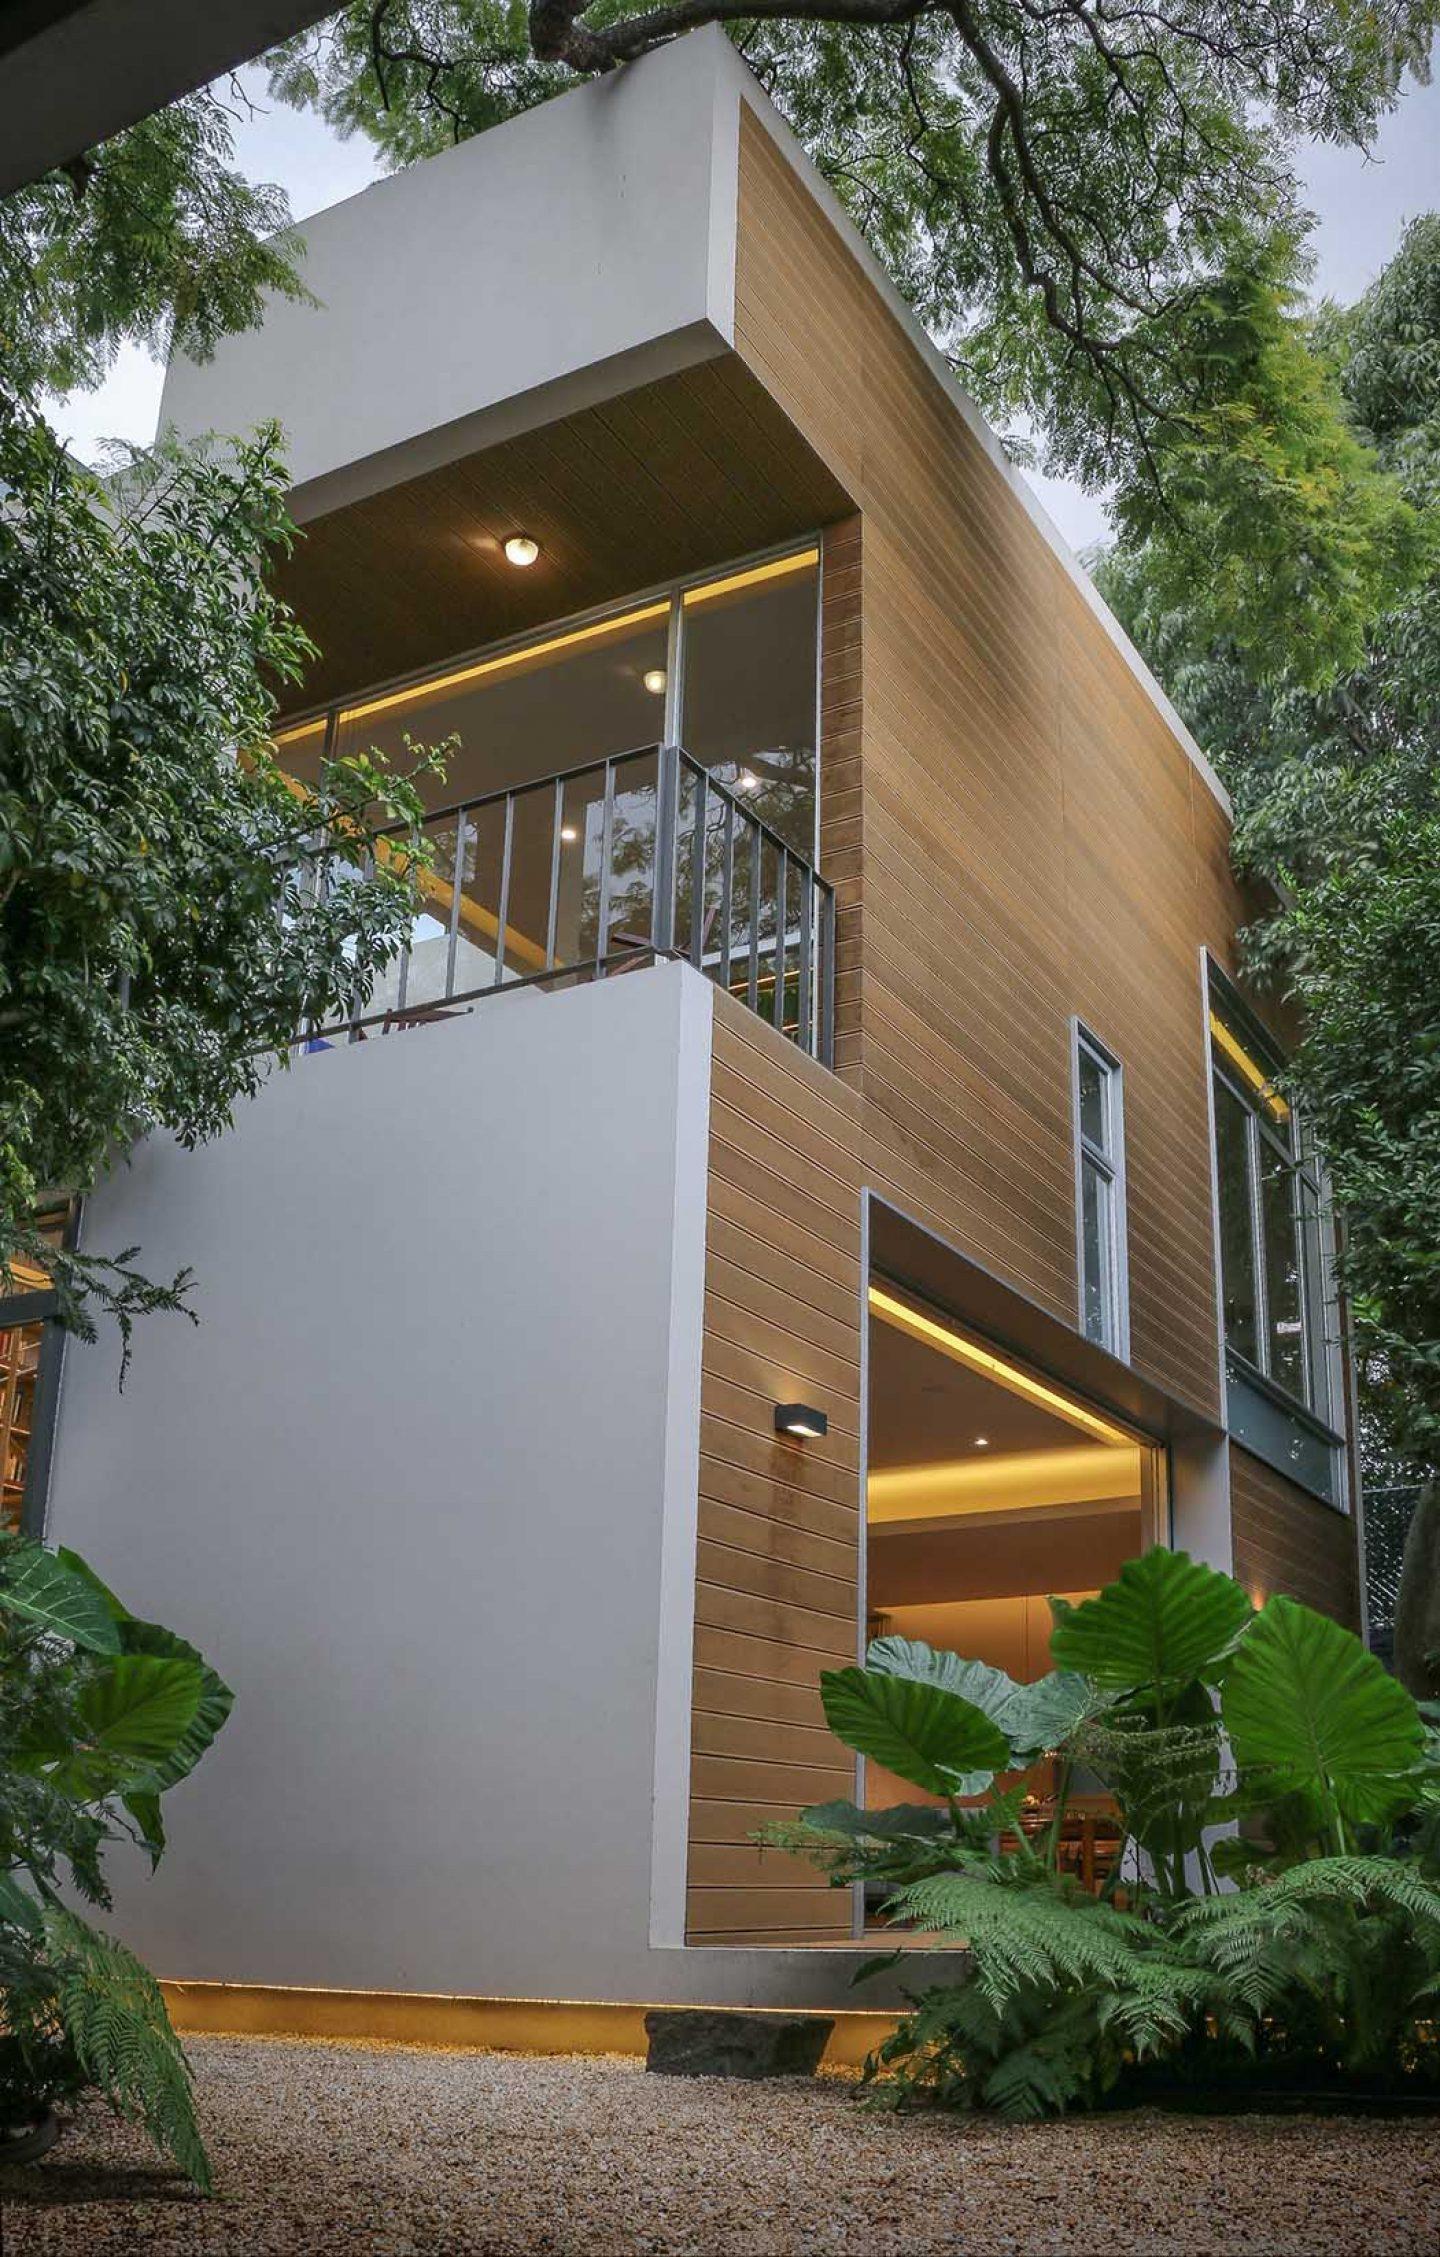 iGNANT-Architecture-Nirau-House-PAUL CREMOUX-Studio-4